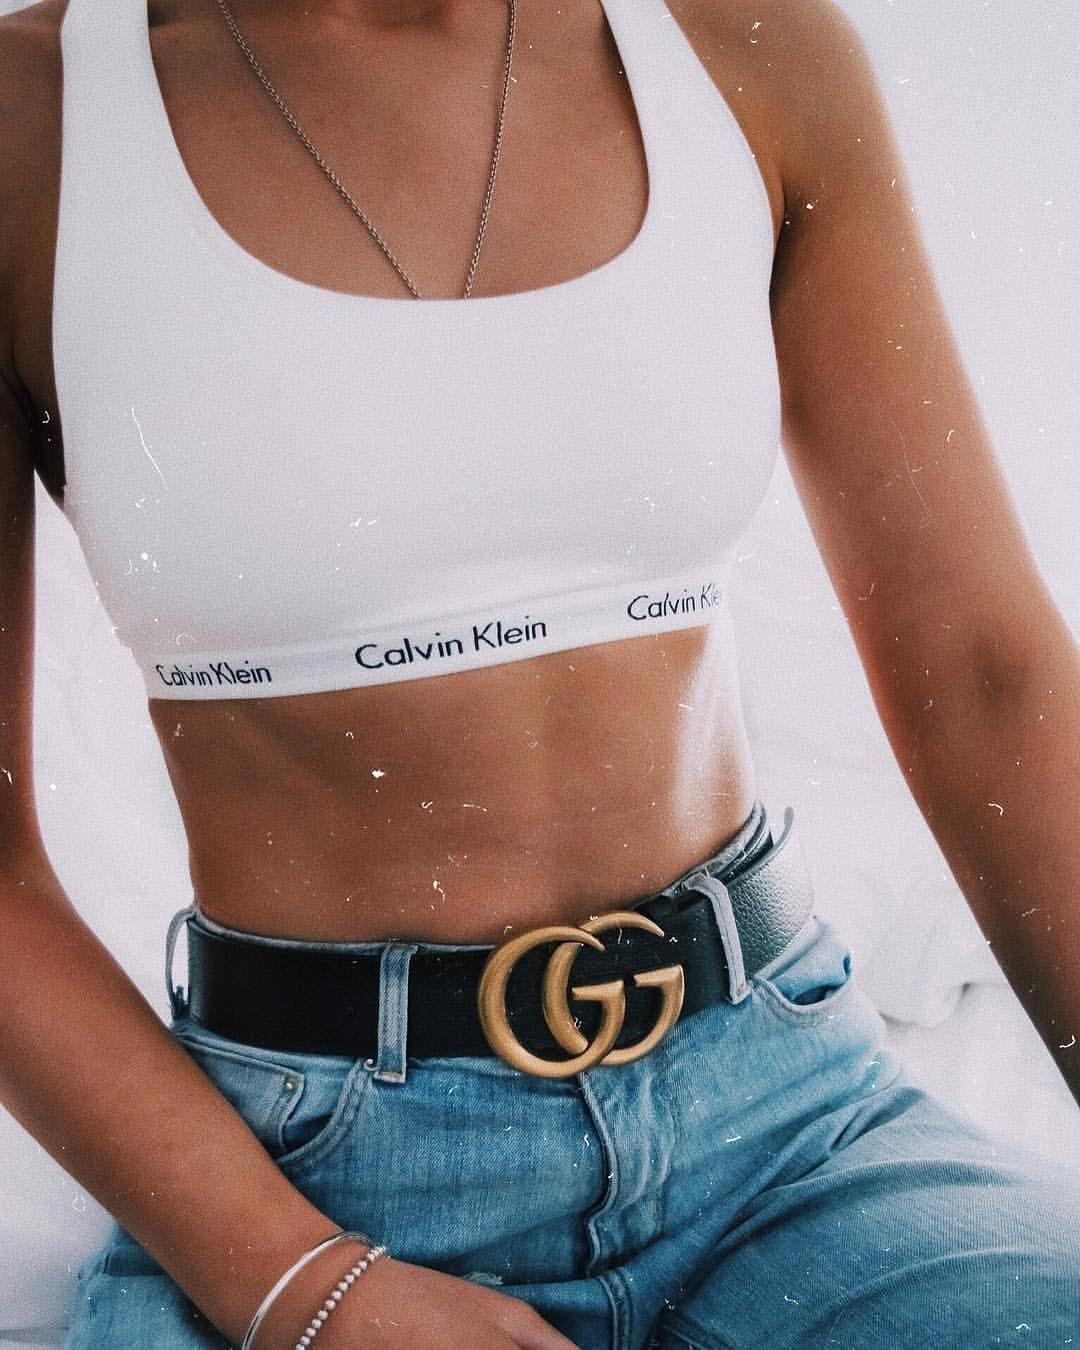 Pinterest Tessmeyer5 Gucci Belt And Calvin Klein Sports Bra In 2020 Calvin Klein Outfits Calvin Klein Sport Calvin Klein Bra Outfit